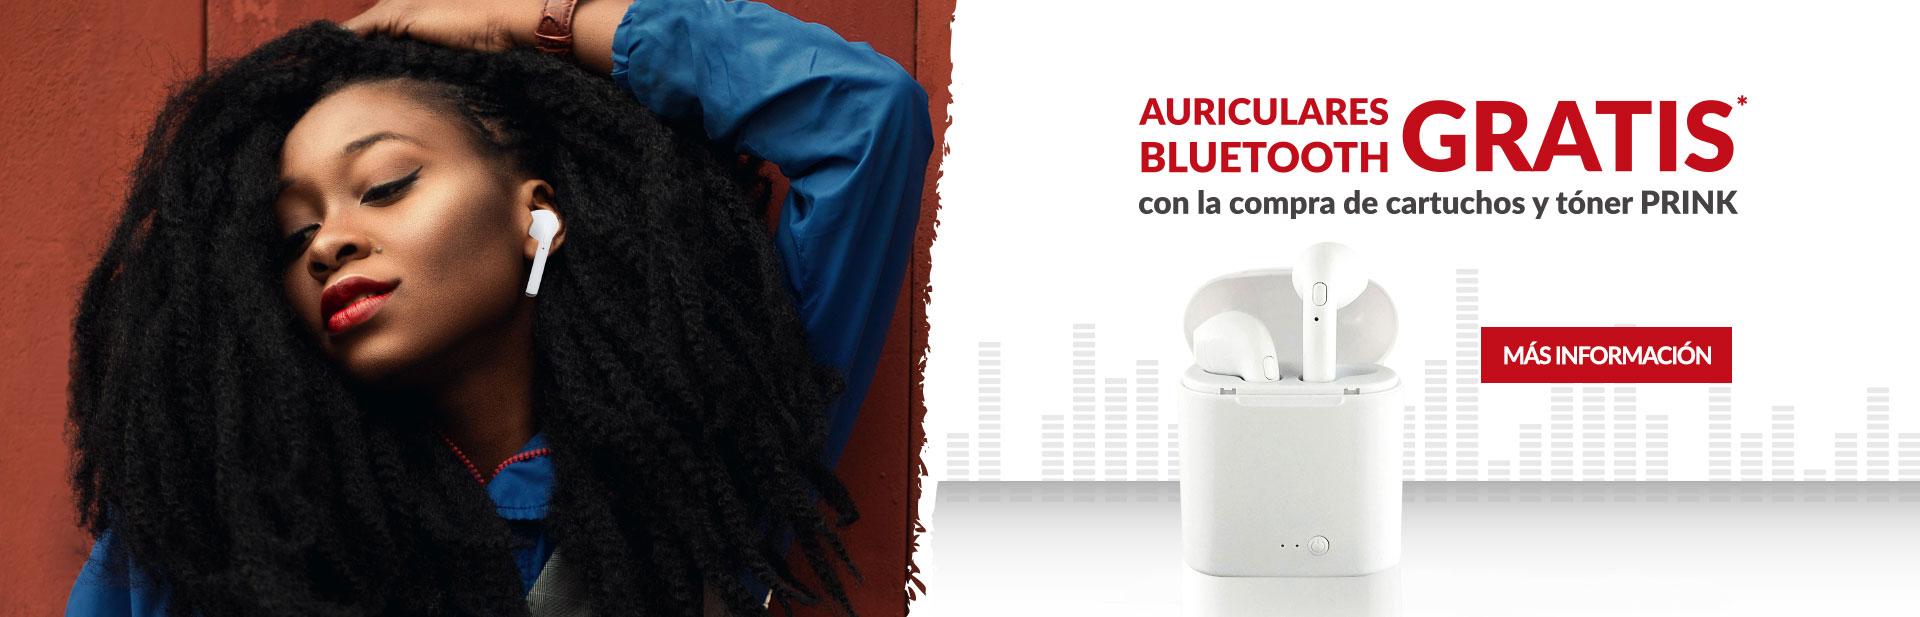 slider_promocion_auriculares